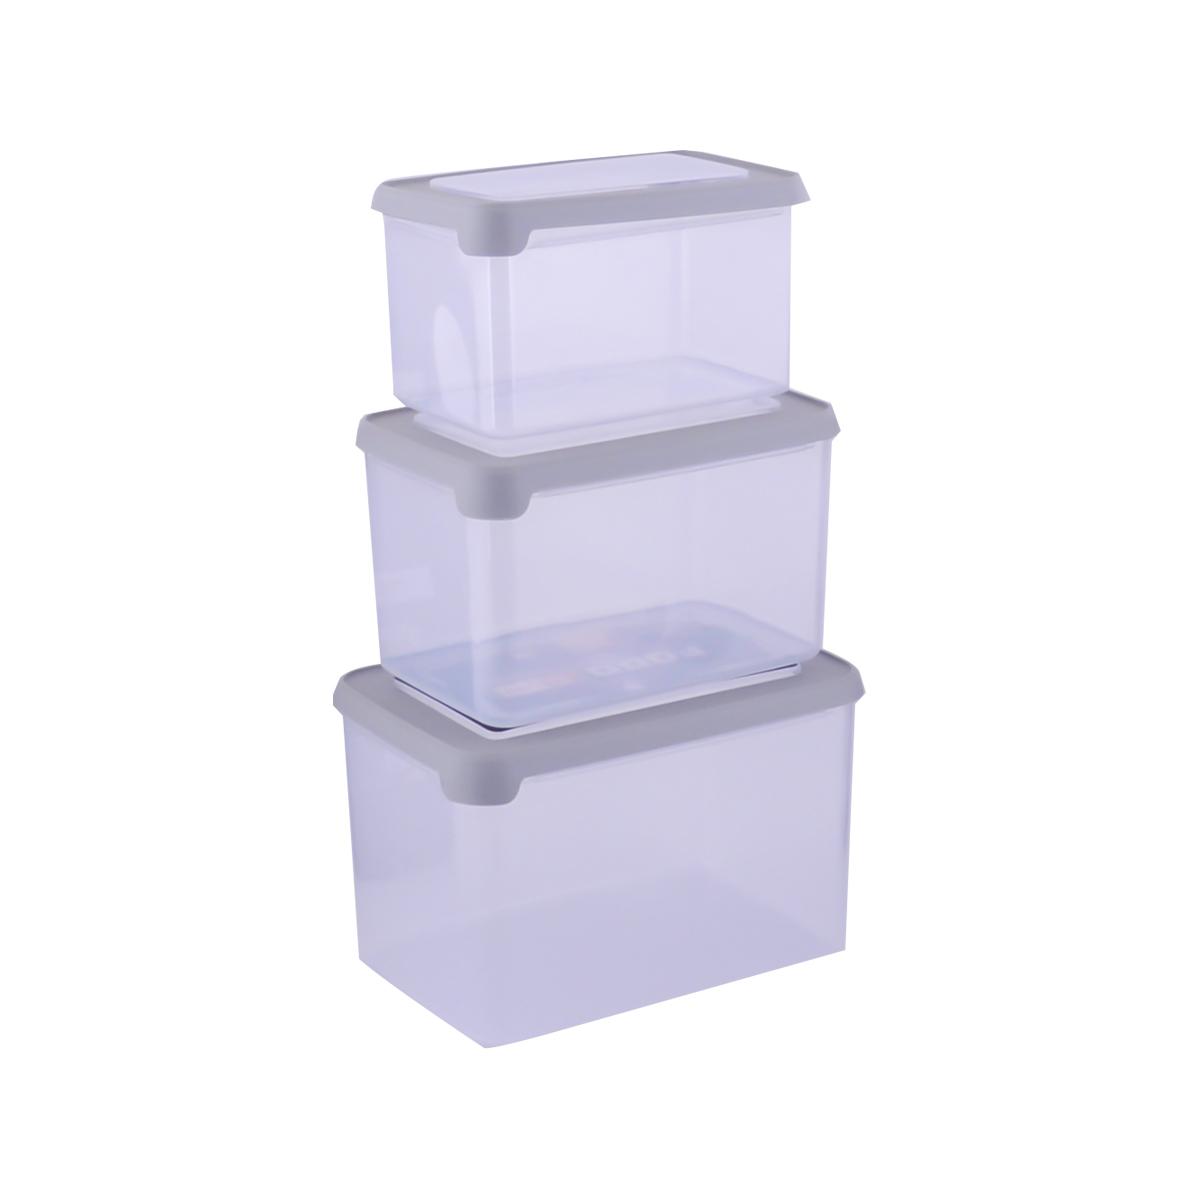 حافظه بلاستيك رمادي طقم 3 حبة موديل 7000060